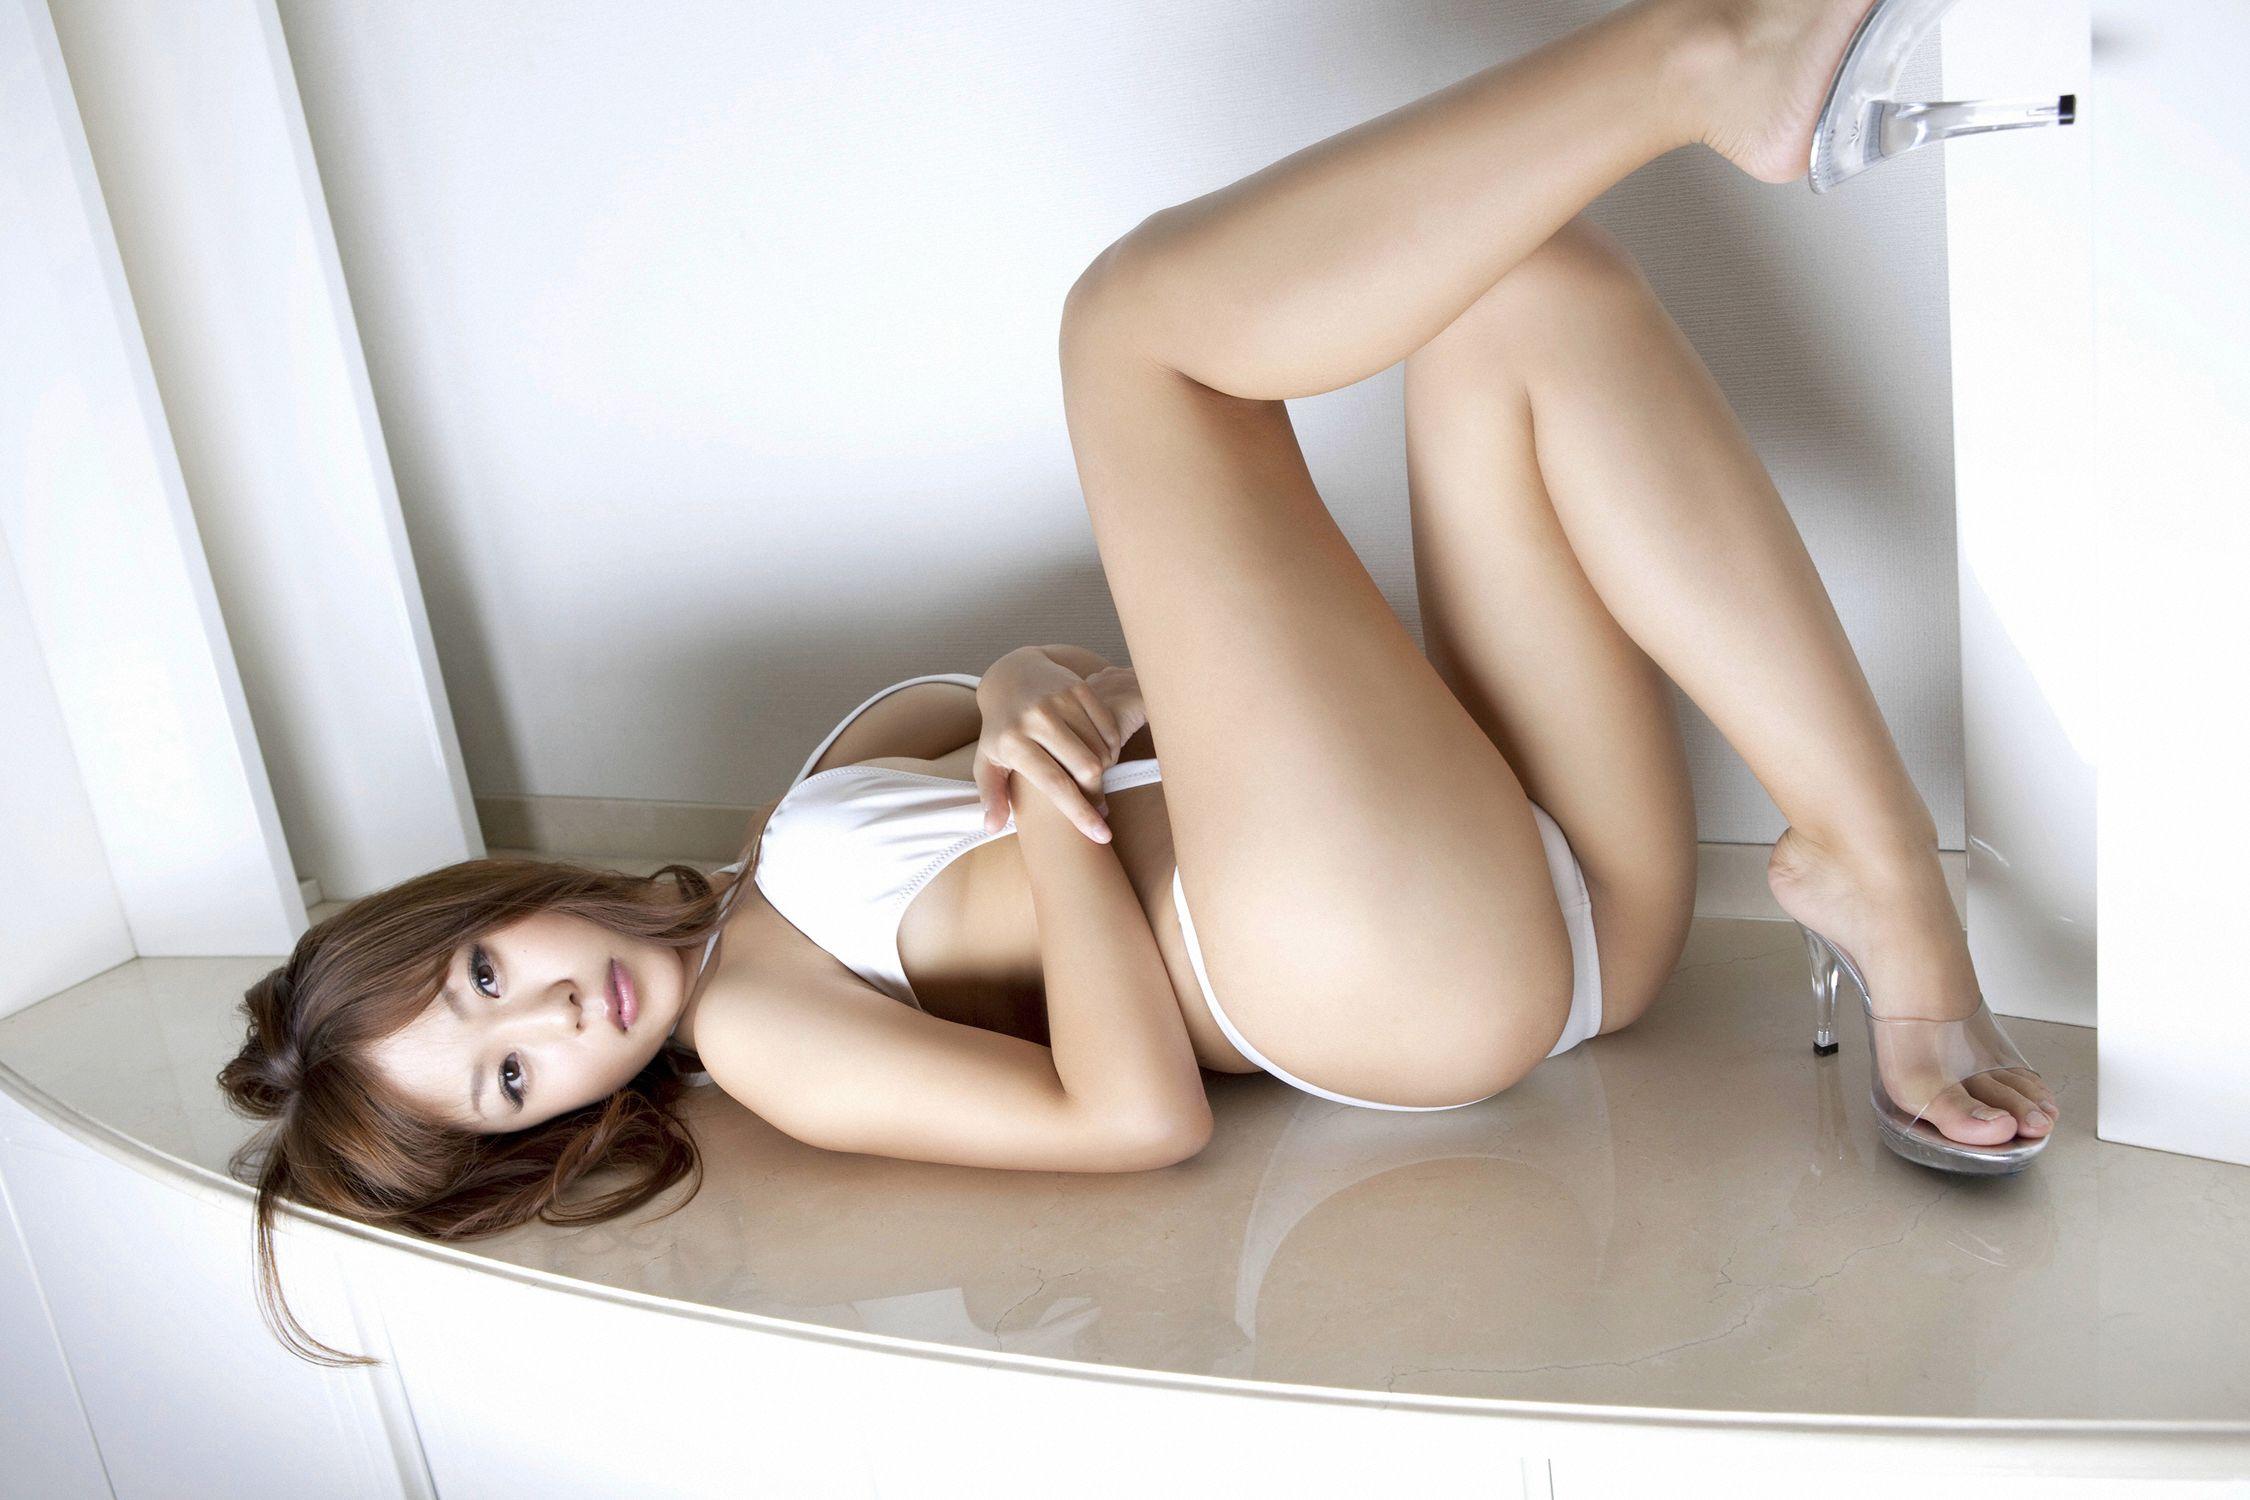 西田麻衣 過激 画像 71